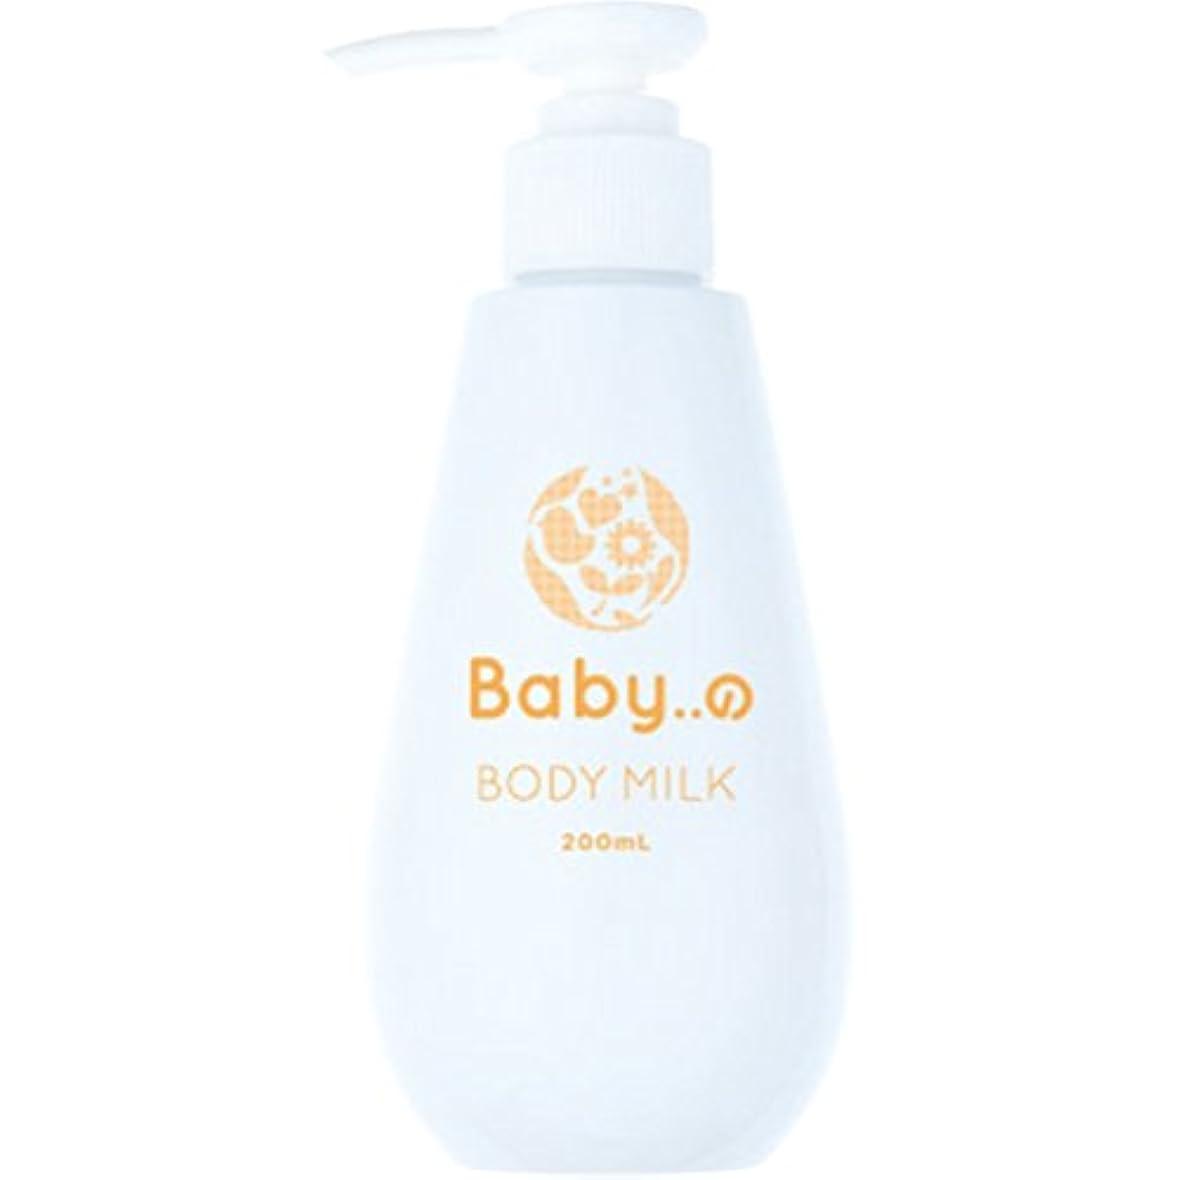 無意味記録成熟Babyの ボディーミルク 200ml